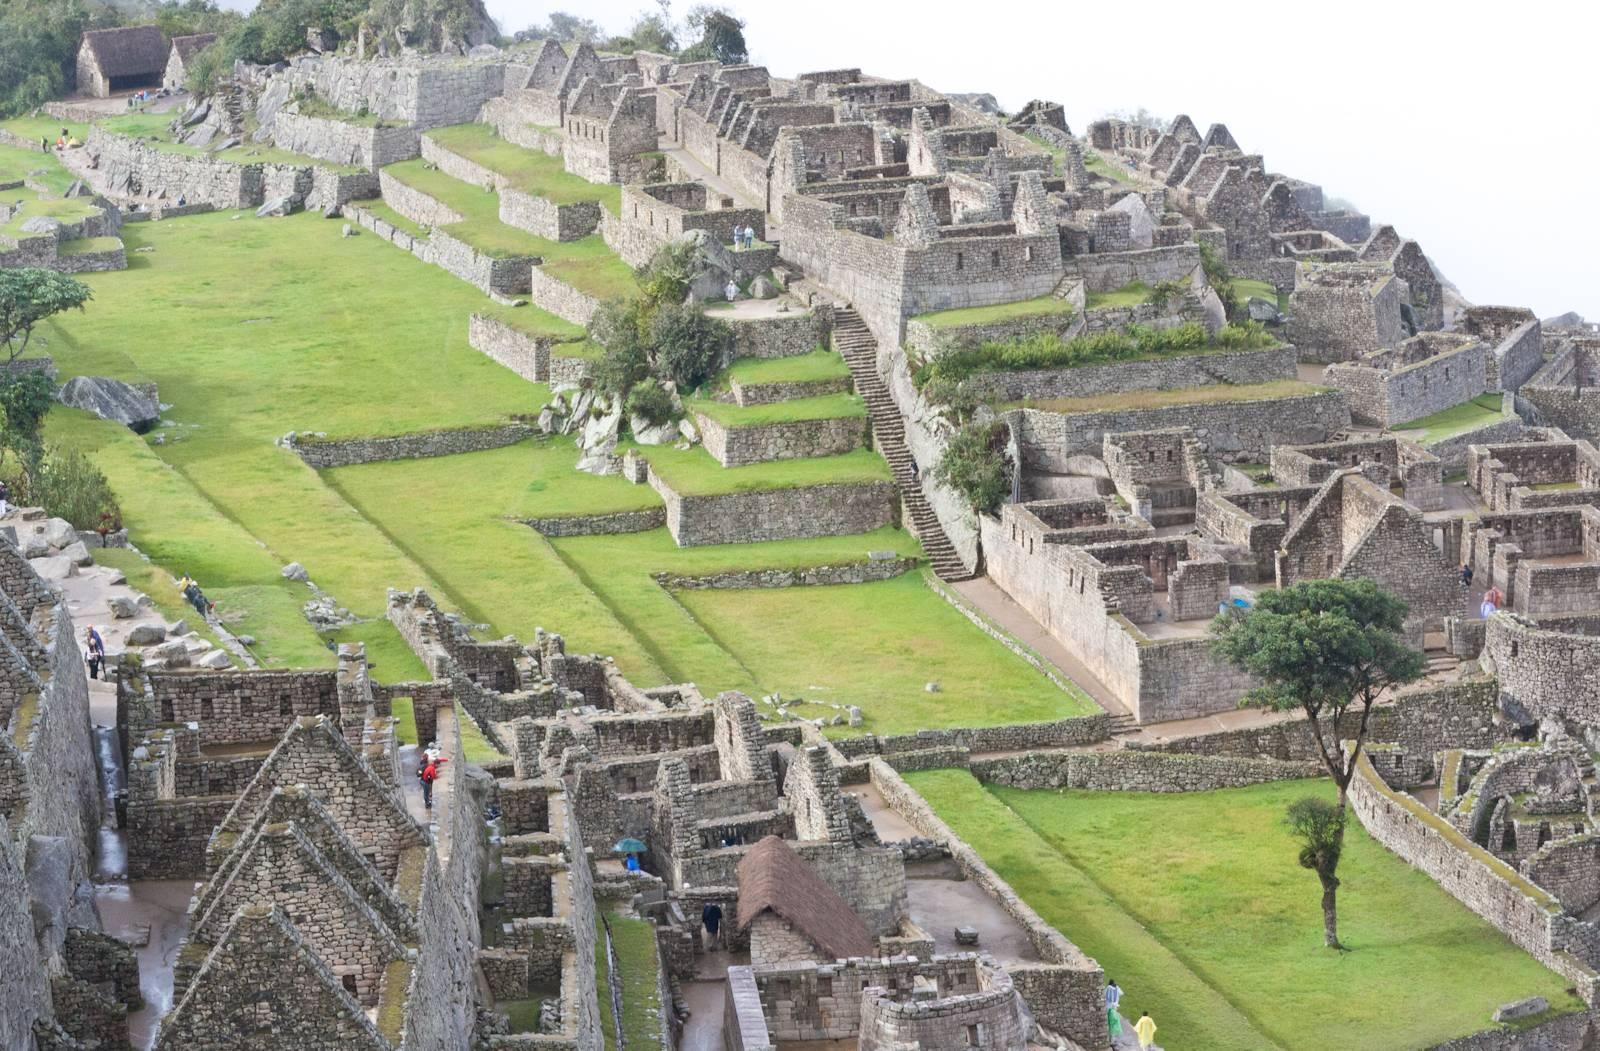 Photo 3: Machu Picchu